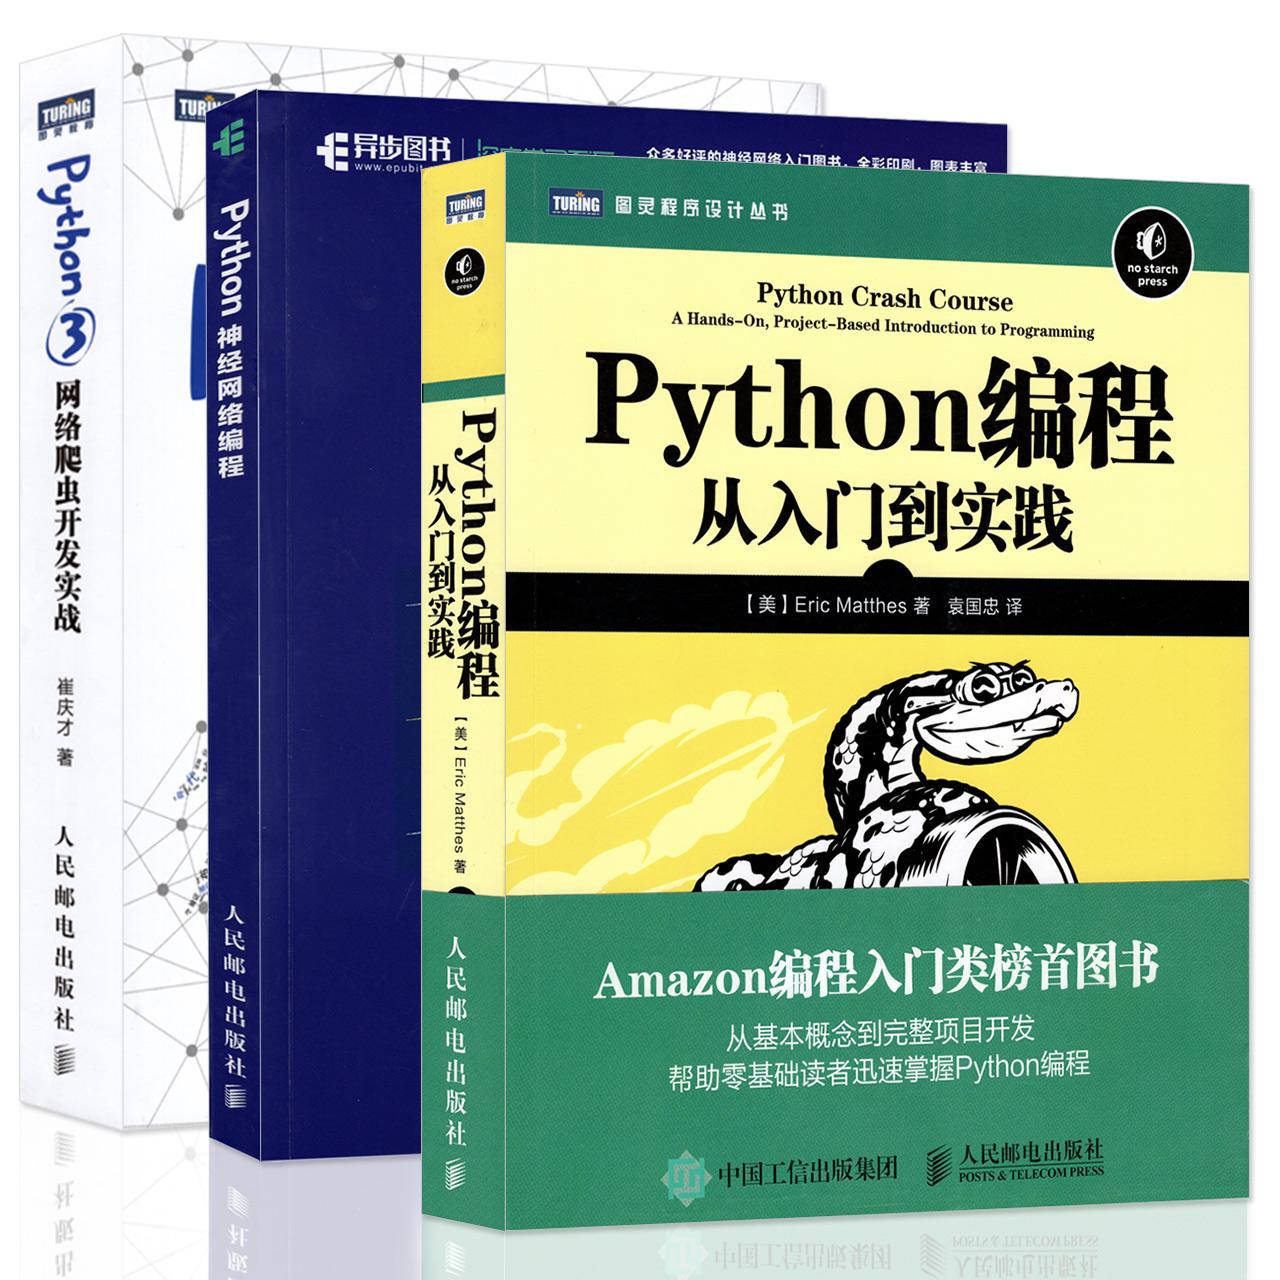 3本套 Python编程 从入门到实践 + Python神经网络编程 + Python 3网络爬虫开发实战